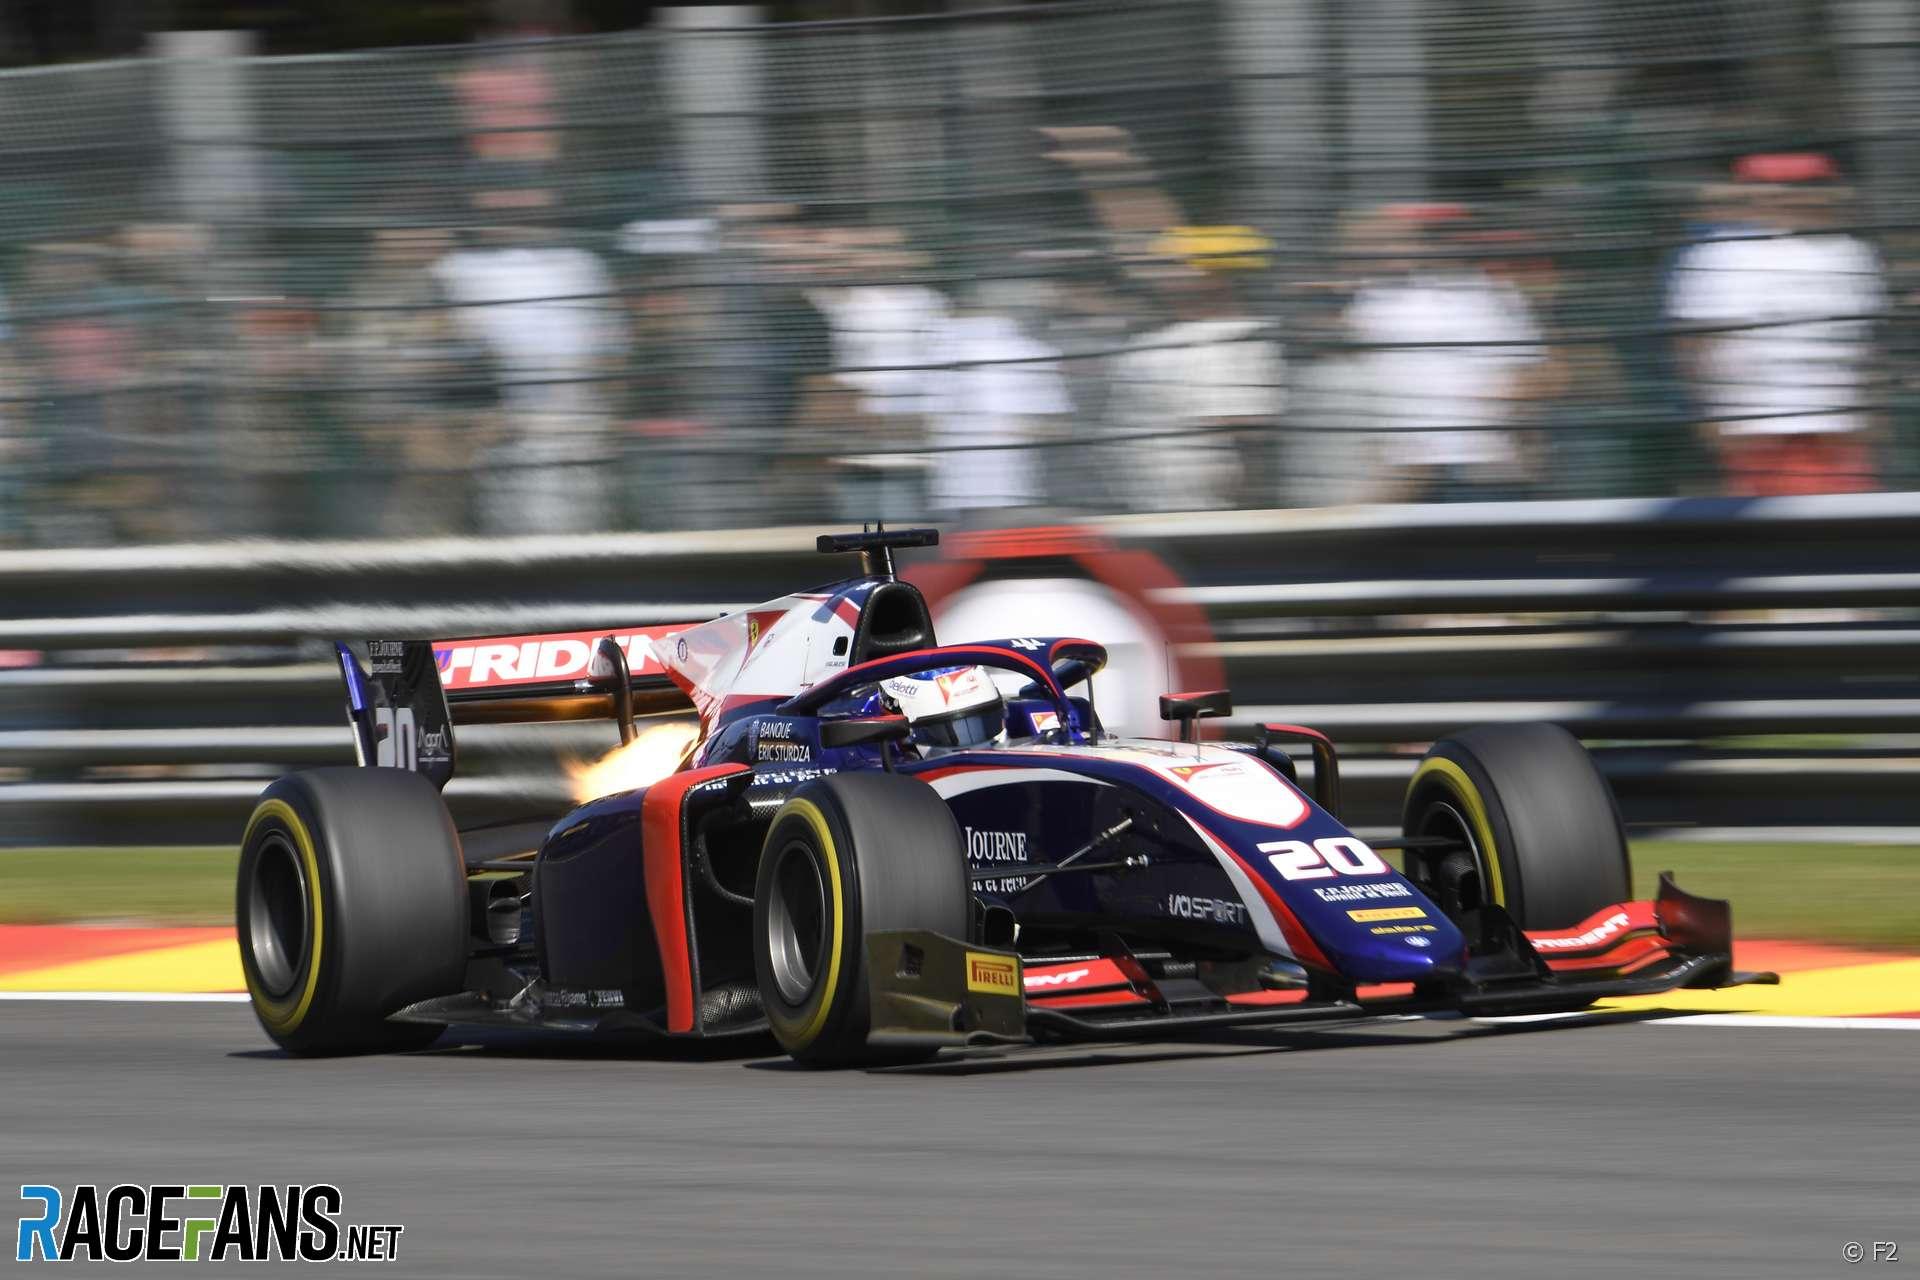 Giuliano Alesi, Trident, Formula 2, Spa, 2019